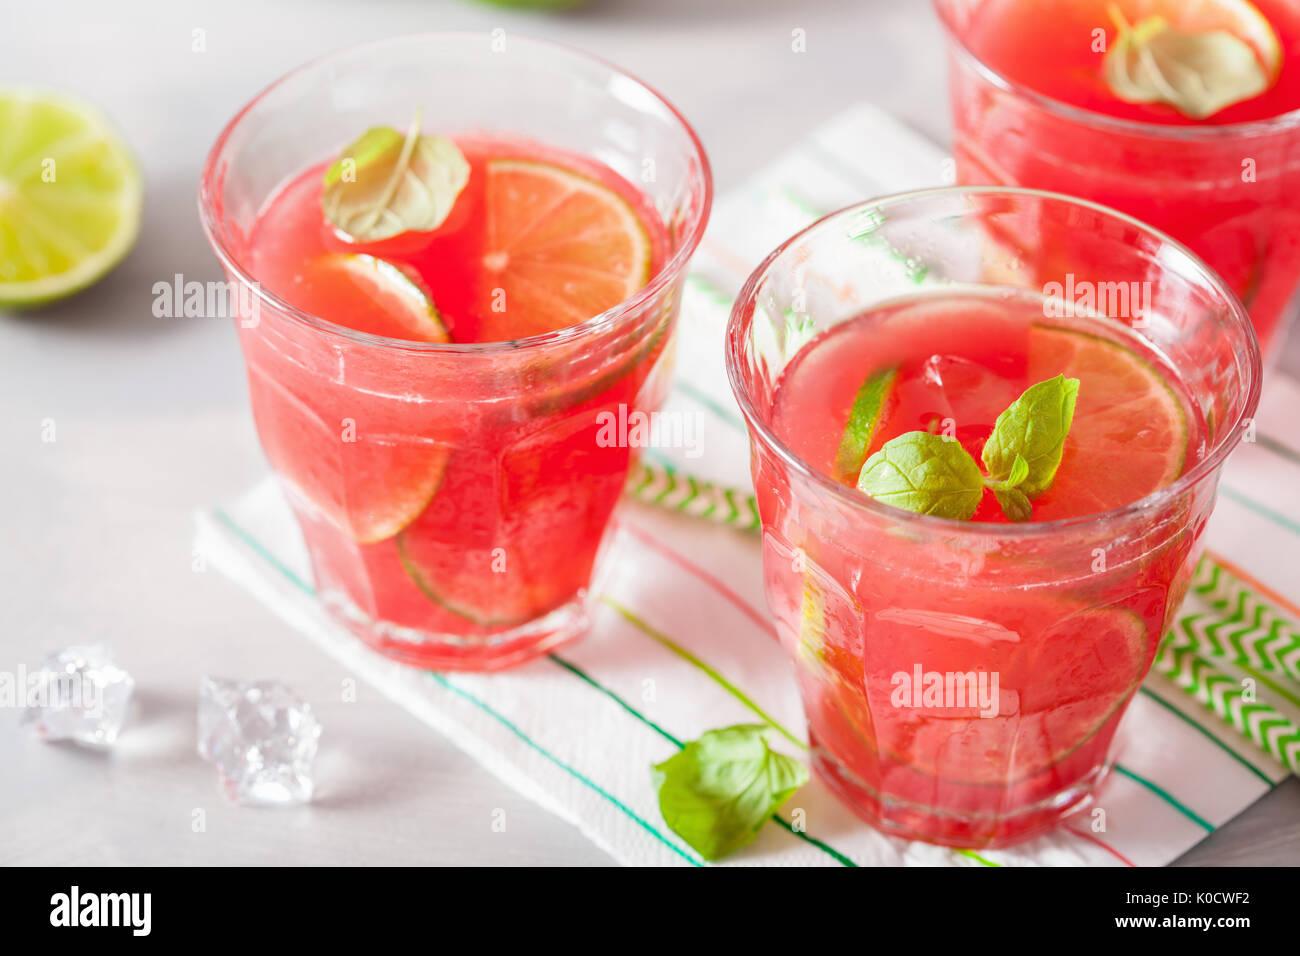 Wassermelone Limonade mit Limette und Minze, Sommer erfrischendes Getränk Stockbild